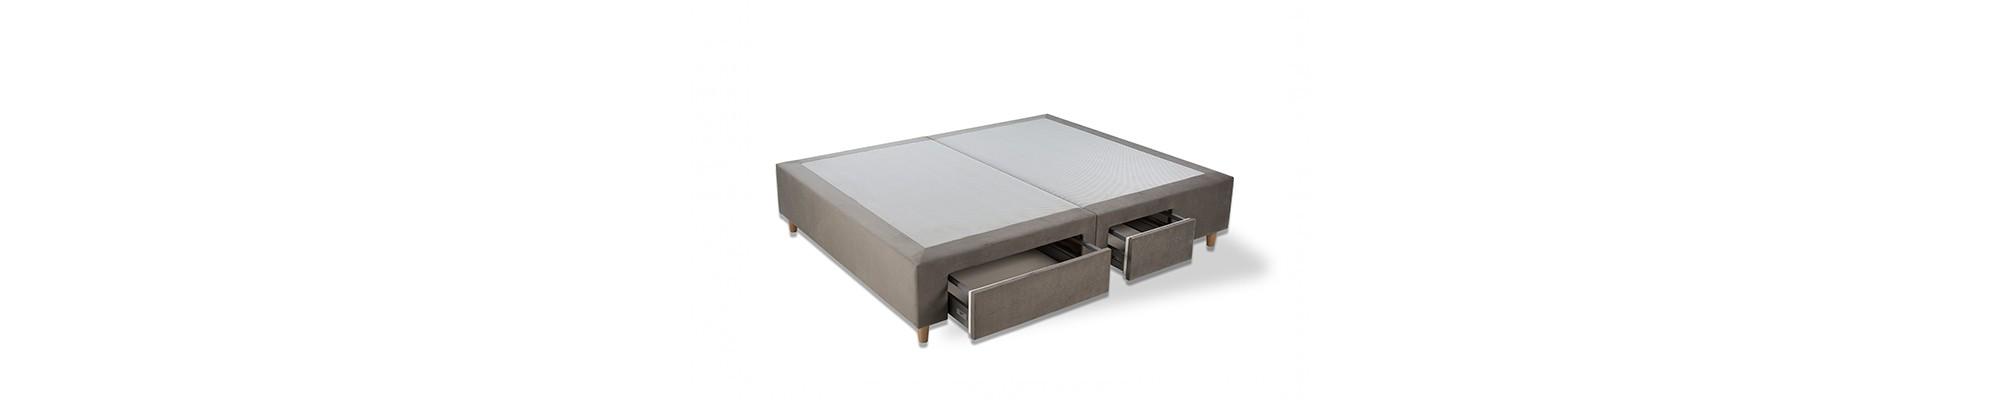 Imagen Detalle - Storage bed